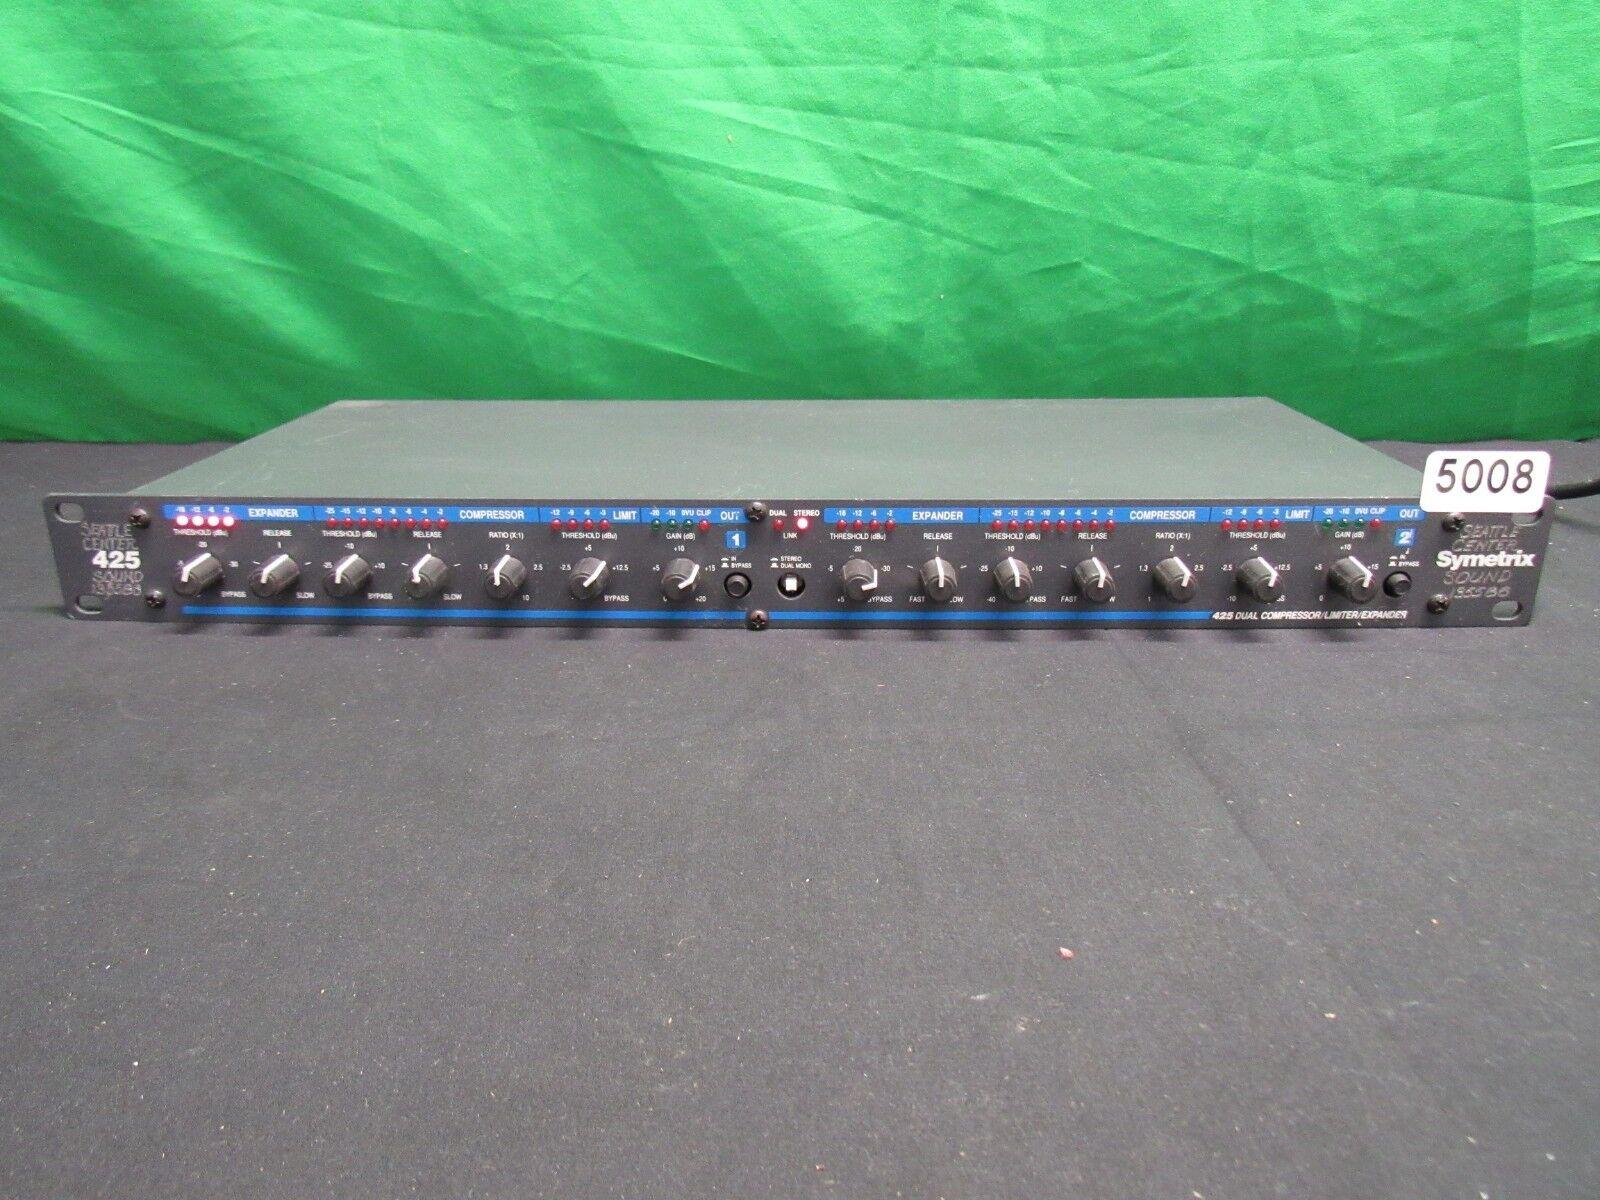 SYMETRIX 425 DUAL COMPRESSOR LIMITER  5008 (ONE)